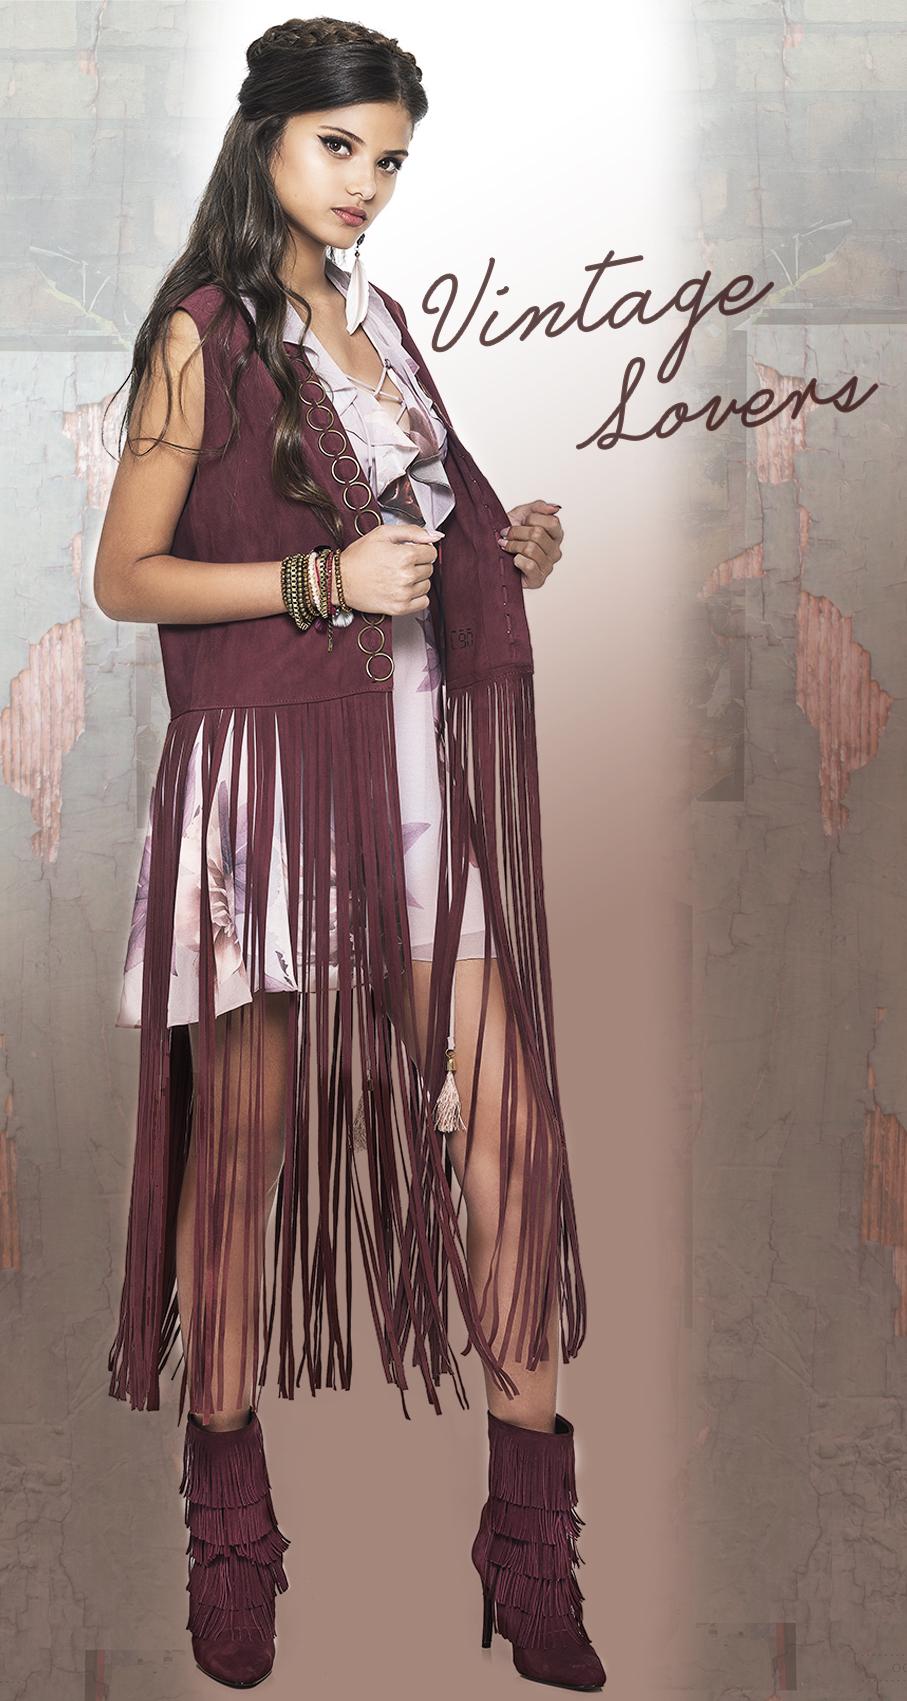 colecao vestidos verao 15